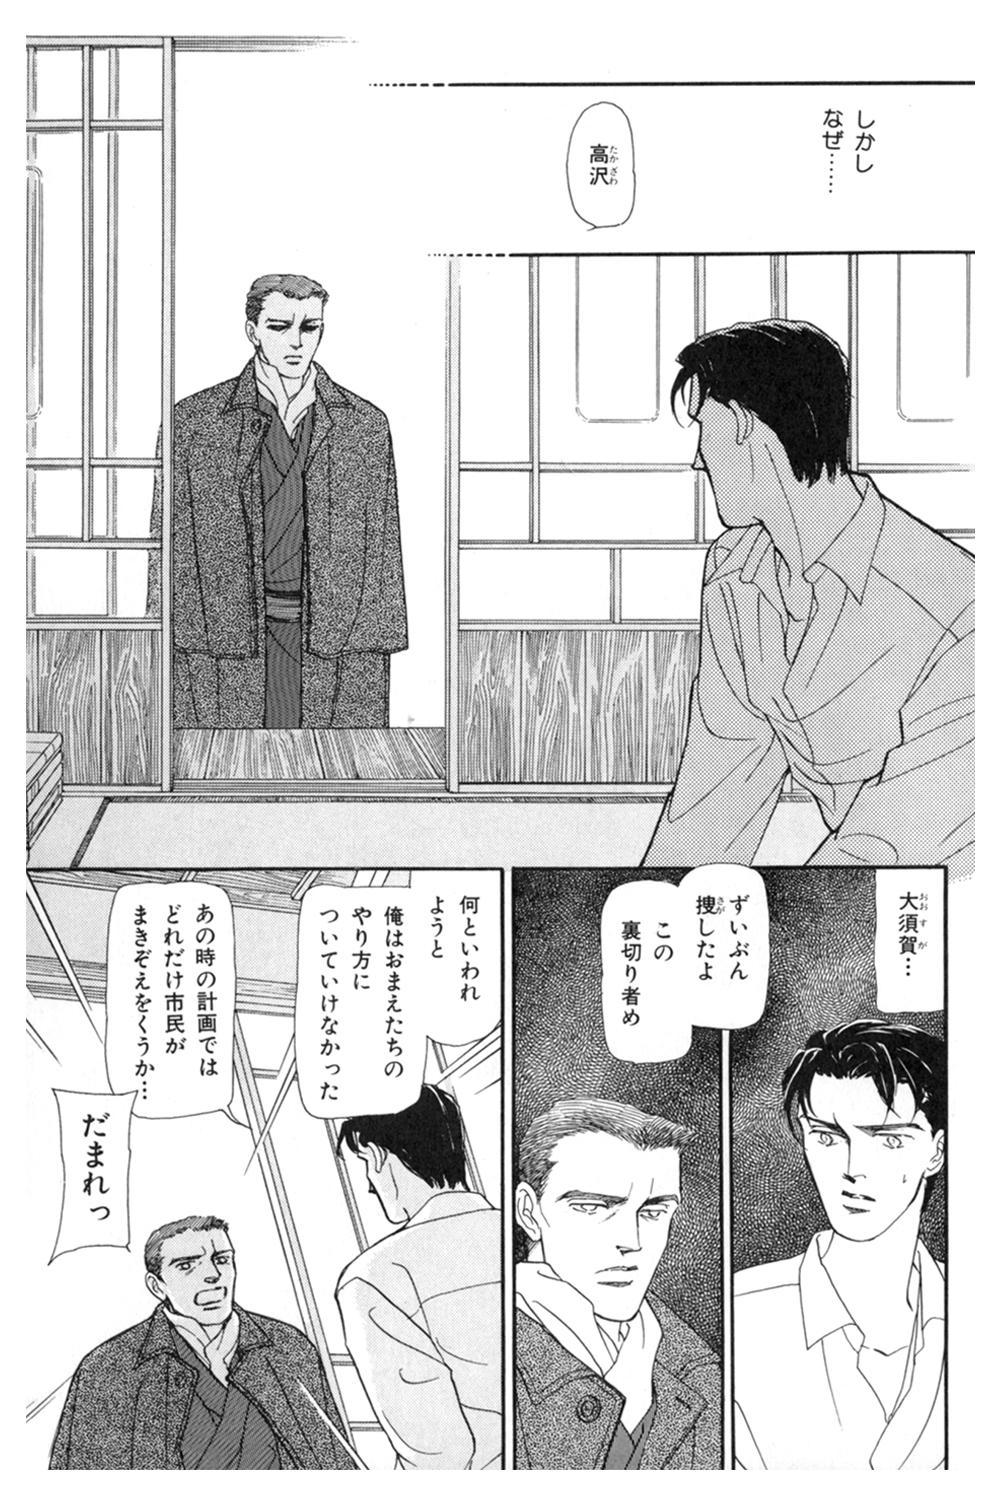 雨柳堂夢咄 第1話「花椿の恋」②uryu17.jpg